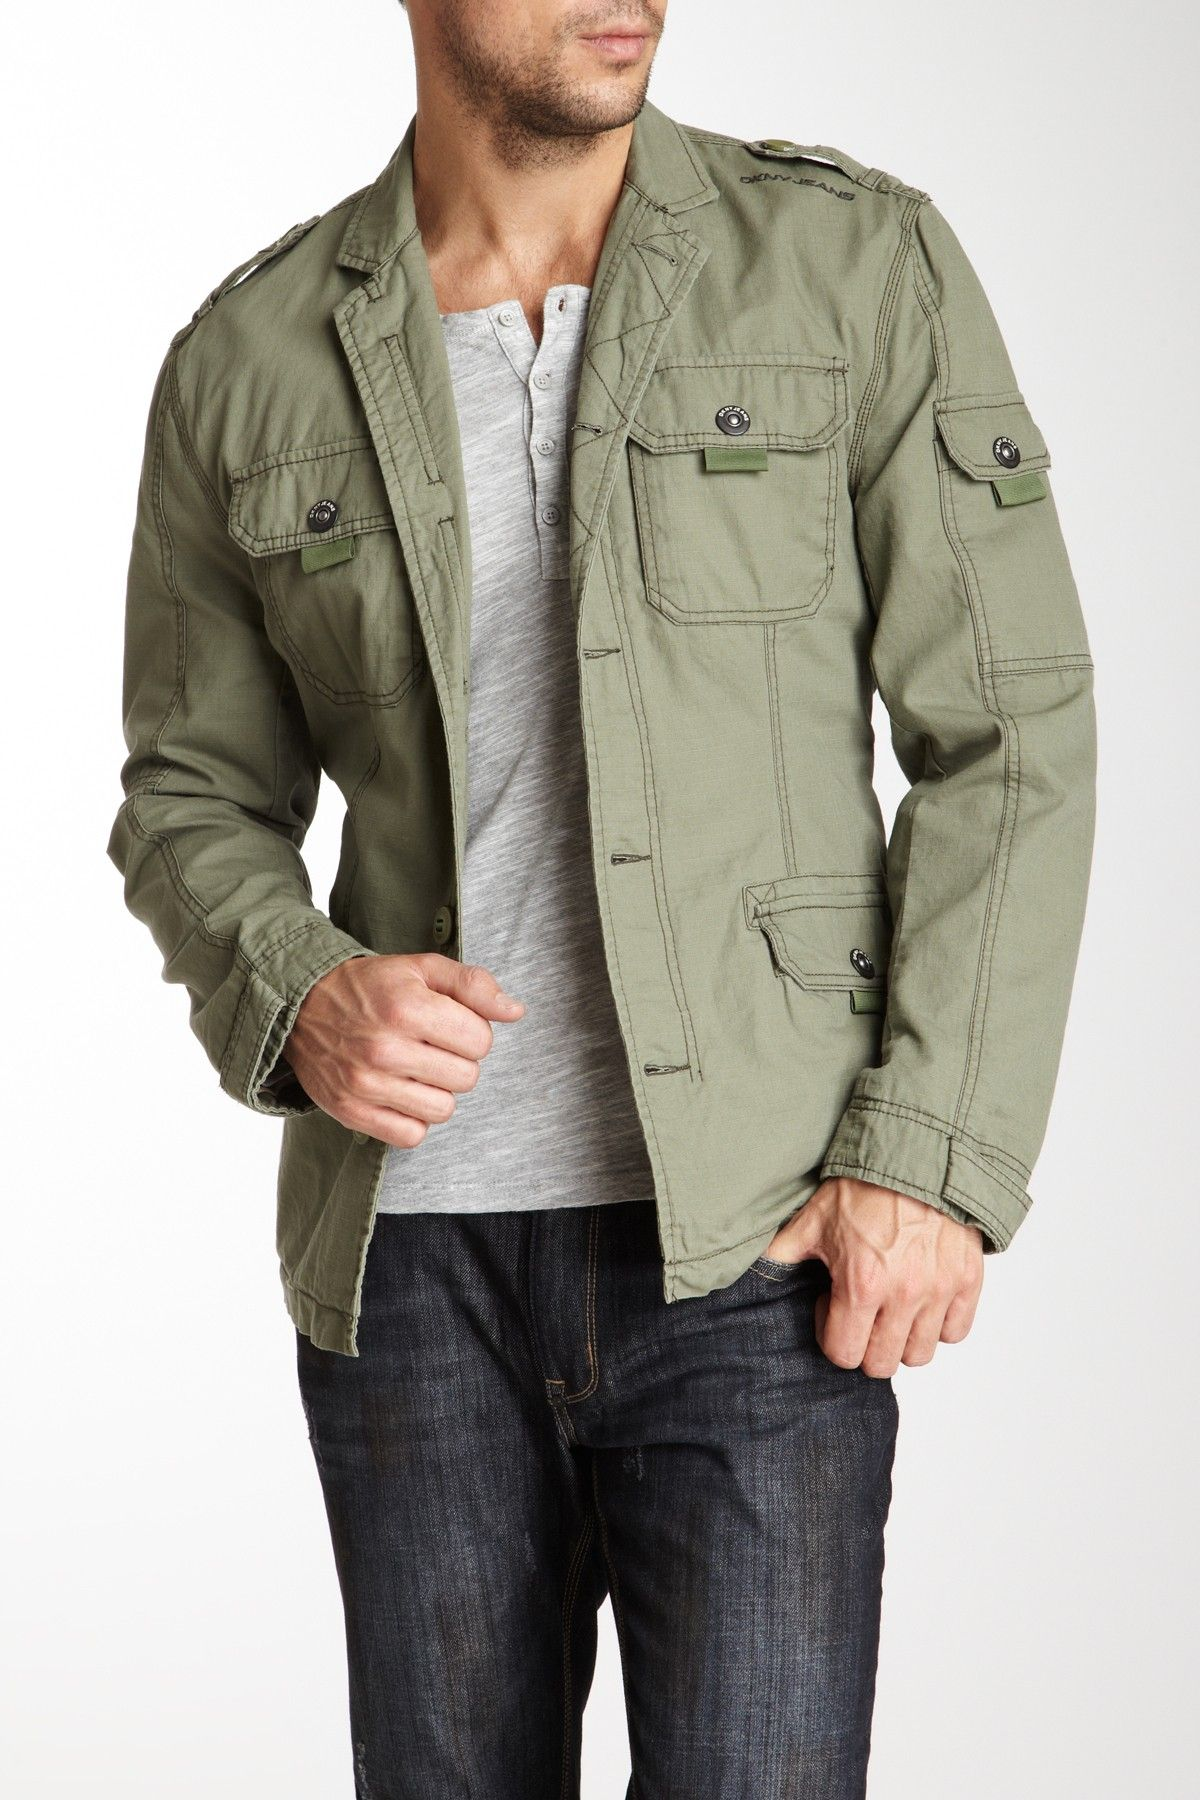 302f8a015 DKNY Jeans Men Cargo Jacket | Moda | Moda, Vaqueros hombre y Ropa